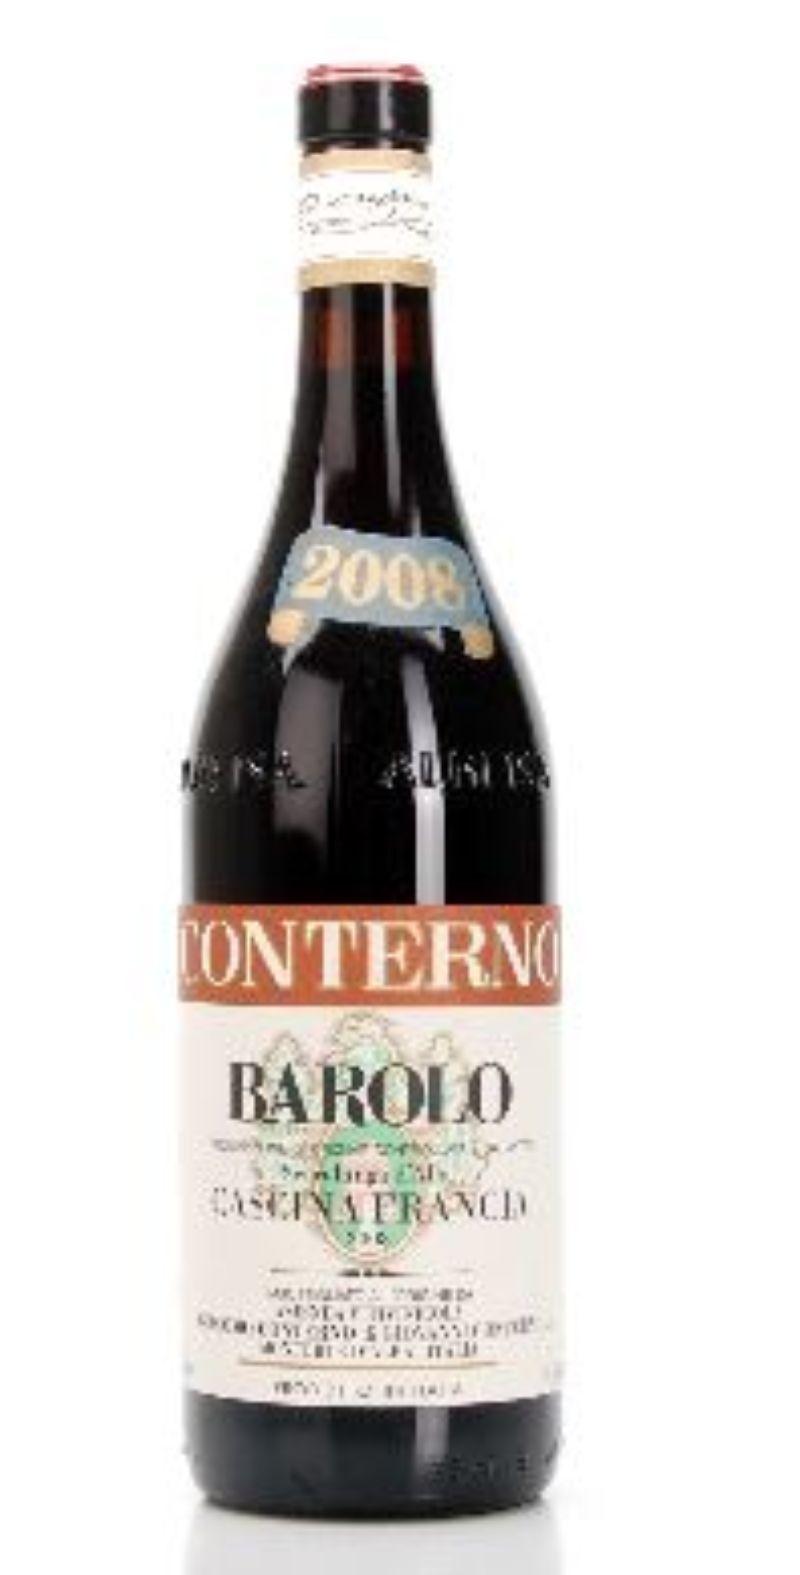 BAROLO-CASCINA-FRANCIA-GIACOMO-CONTERNO-2008-